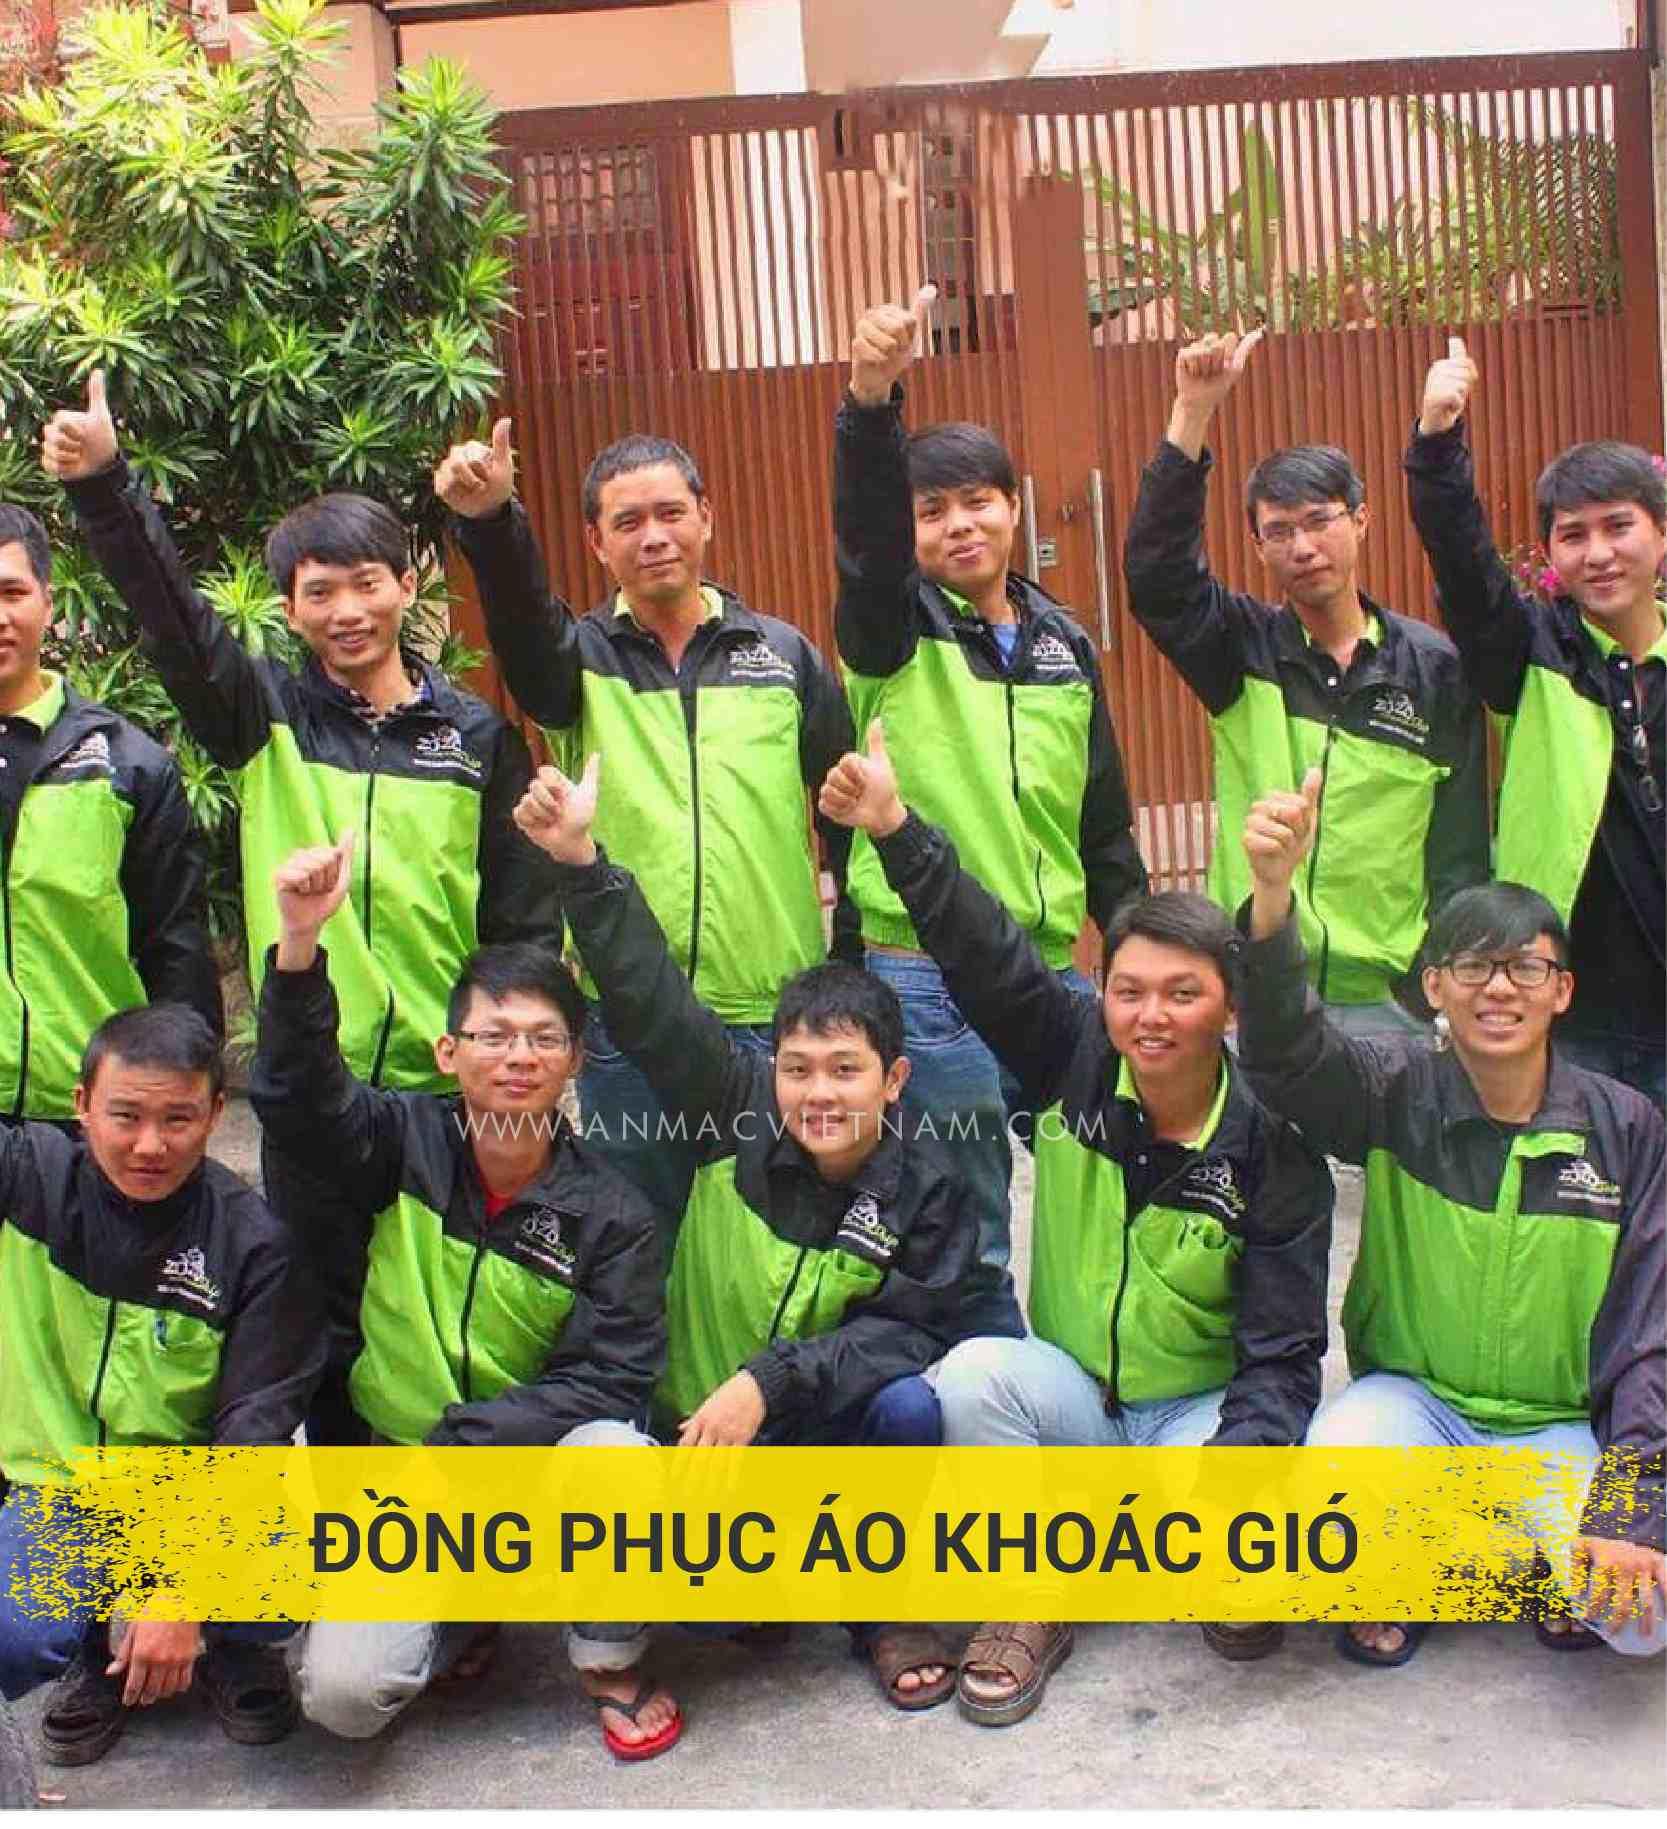 dong-phuc-ao-khoac-gio-1 Danh mục sản phẩm theo ngành